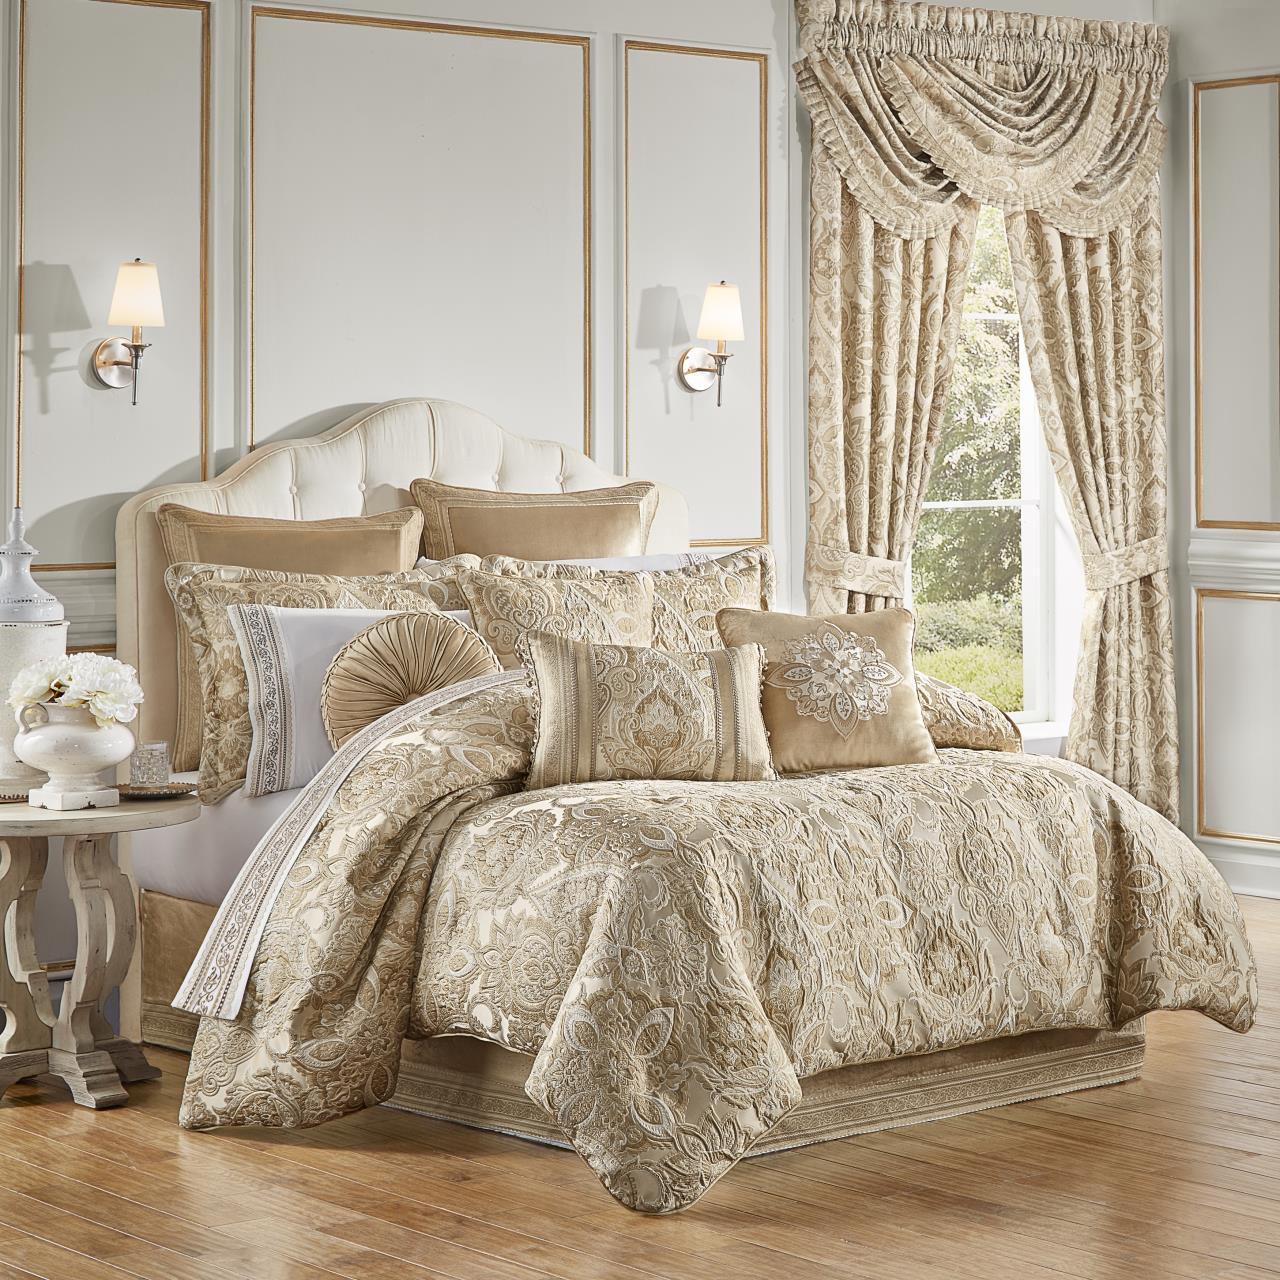 Sandstone Beige Comforter Collection -